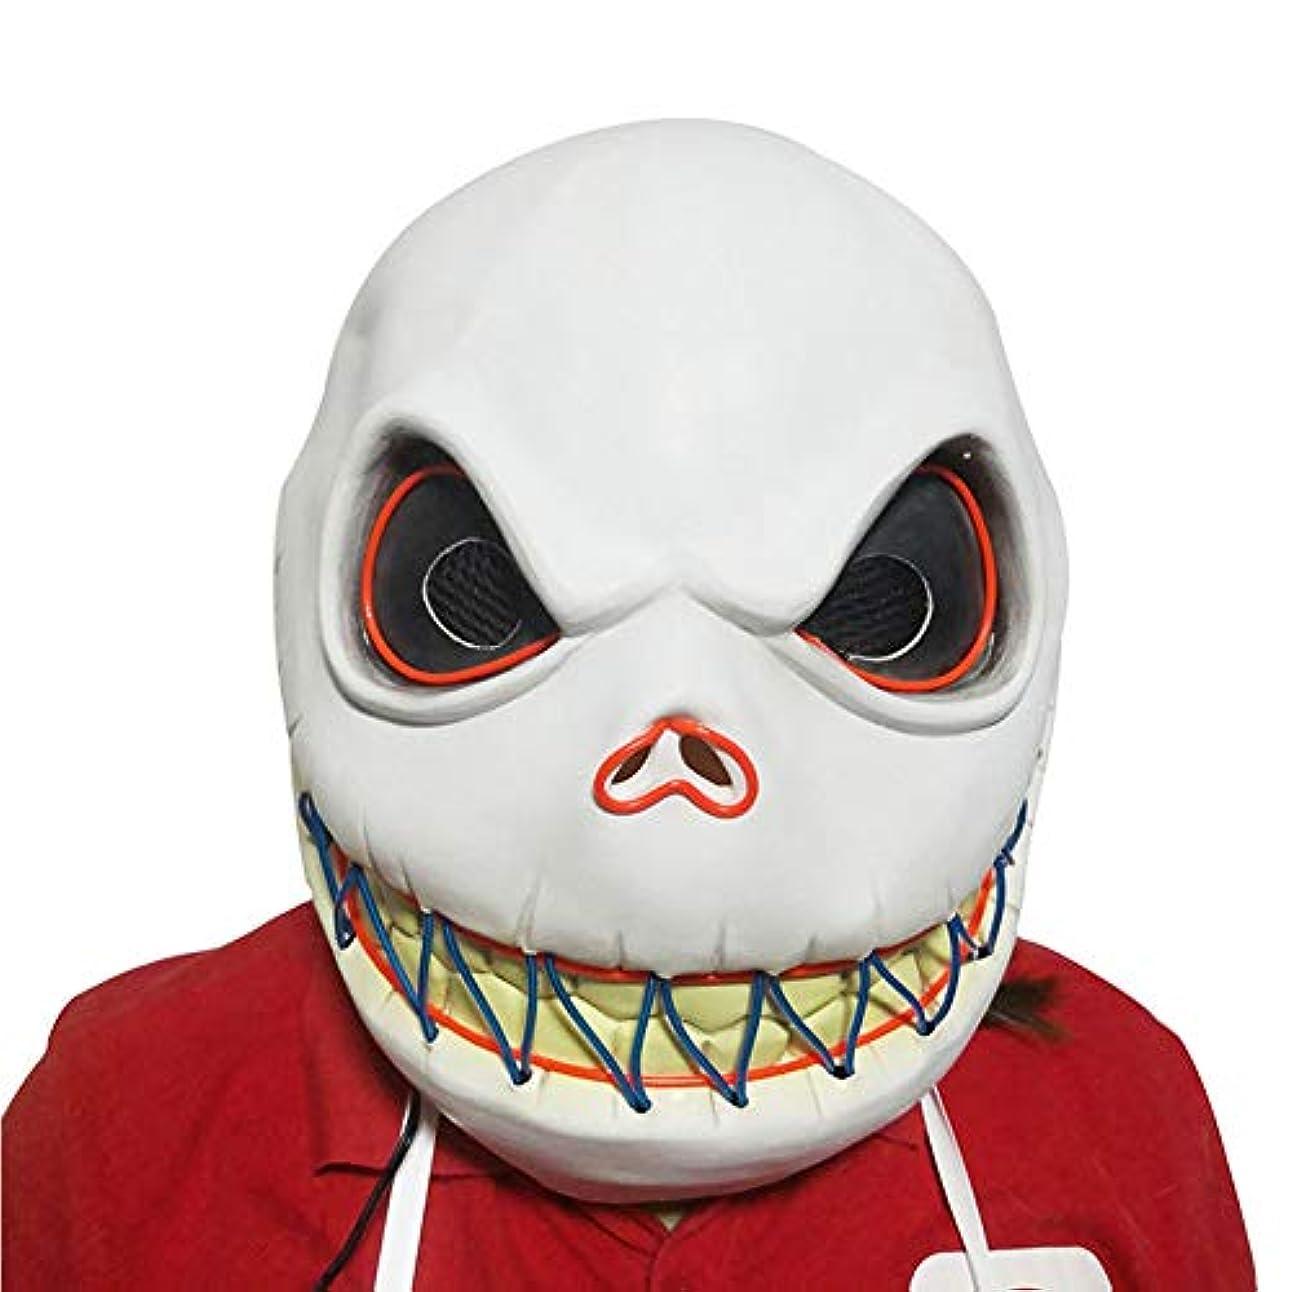 群集教育やるハロウィーンマスク、顔をしかめるラテックスマスク、ハロウィーン、テーマパーティー、カーニバル、レイブパーティーに適しています。